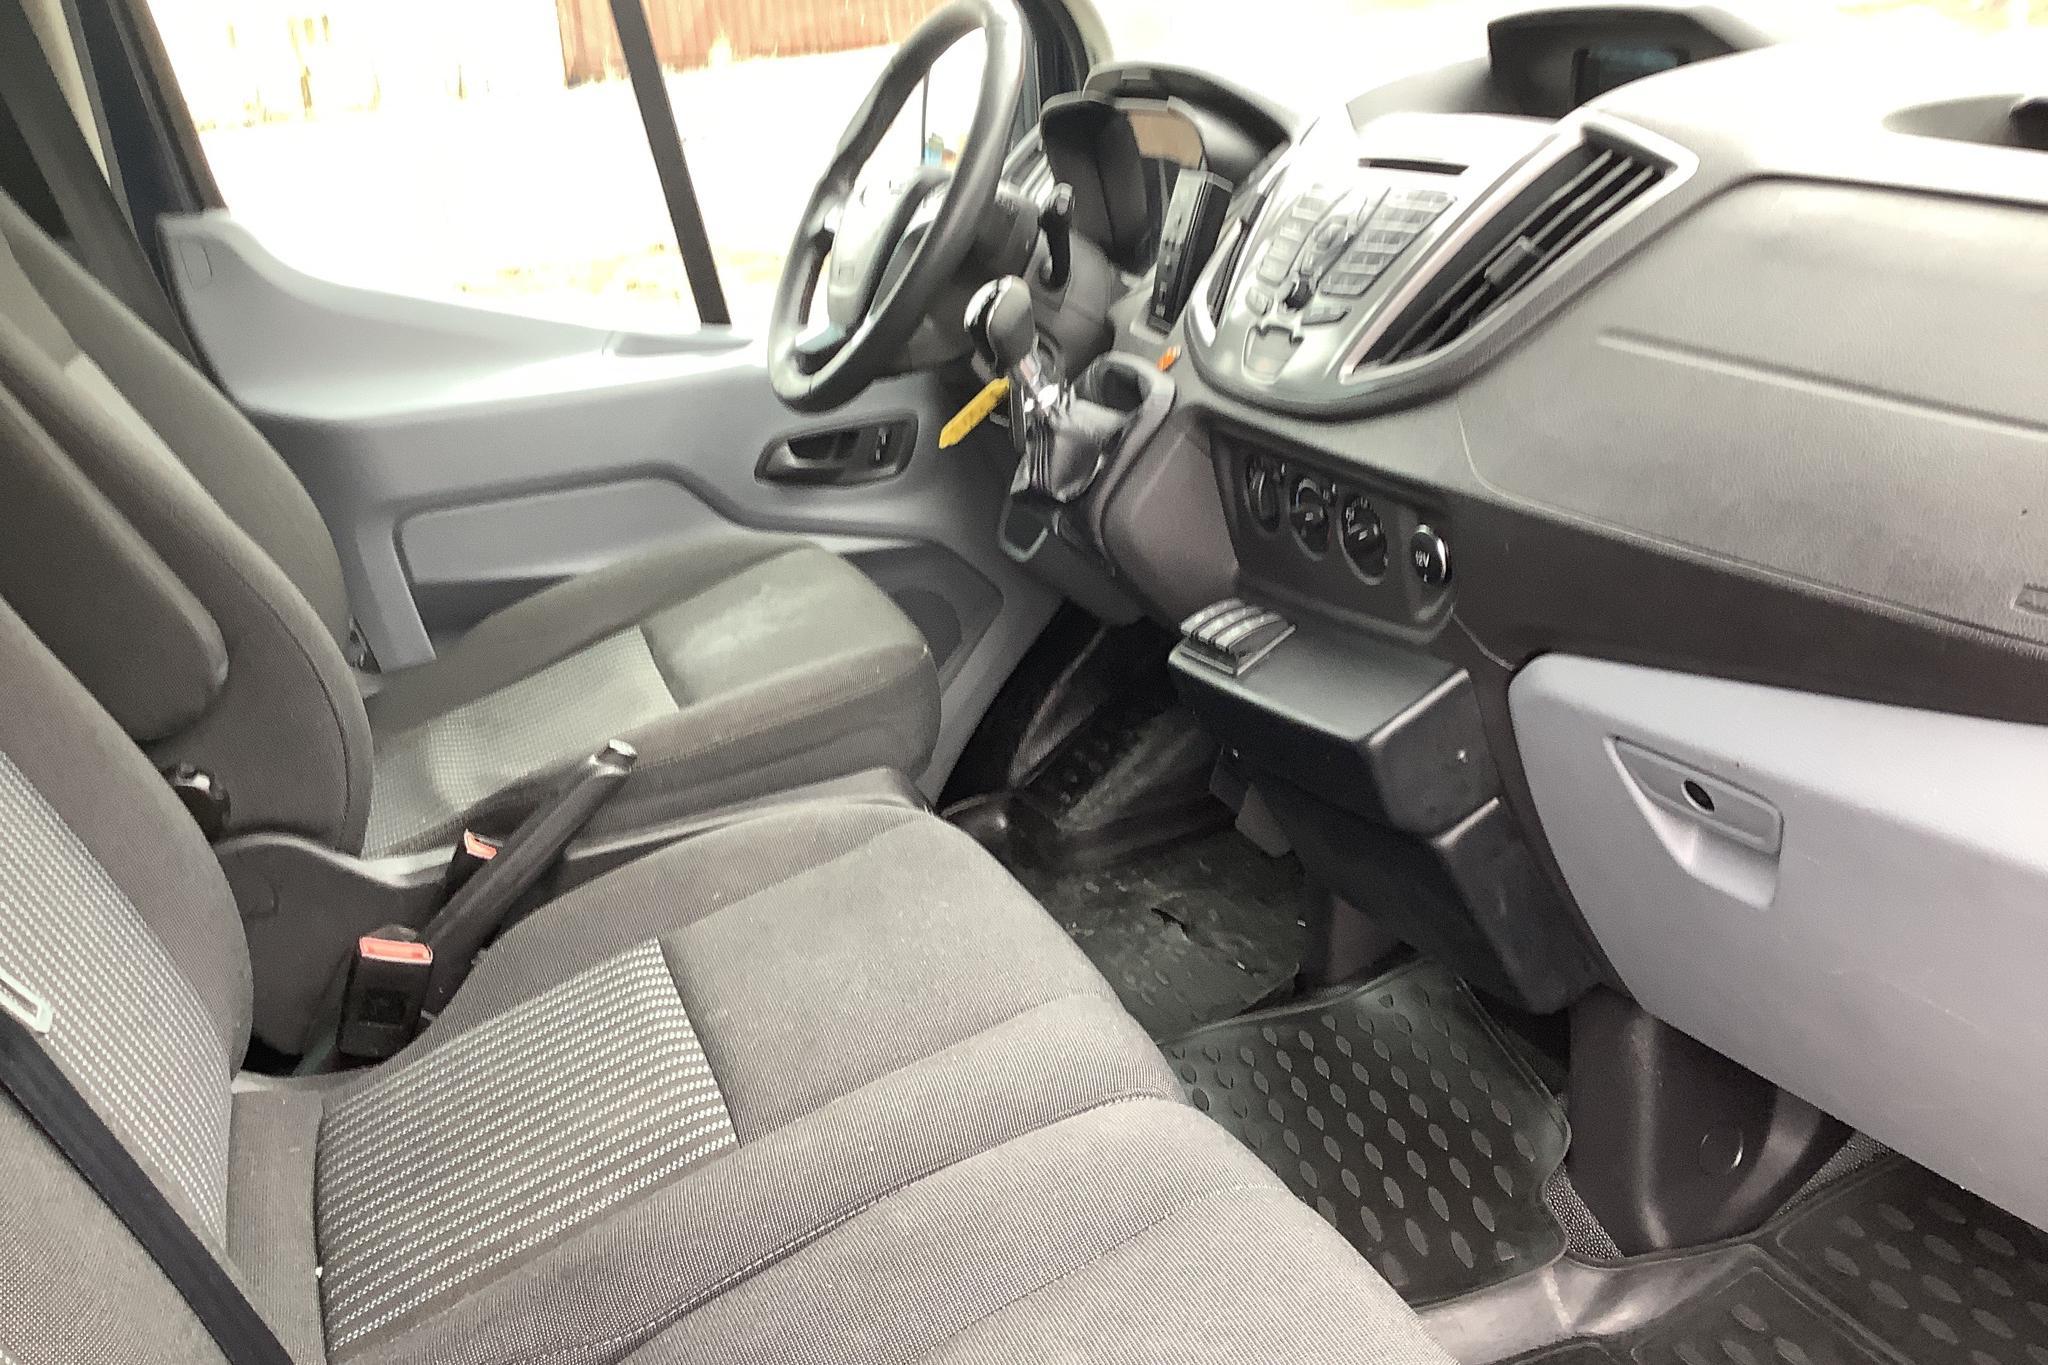 Ford Transit 350 2.2 TDCi Skåp 2WD (125hk) - 35 771 mil - Manuell - Dark Blue - 2015